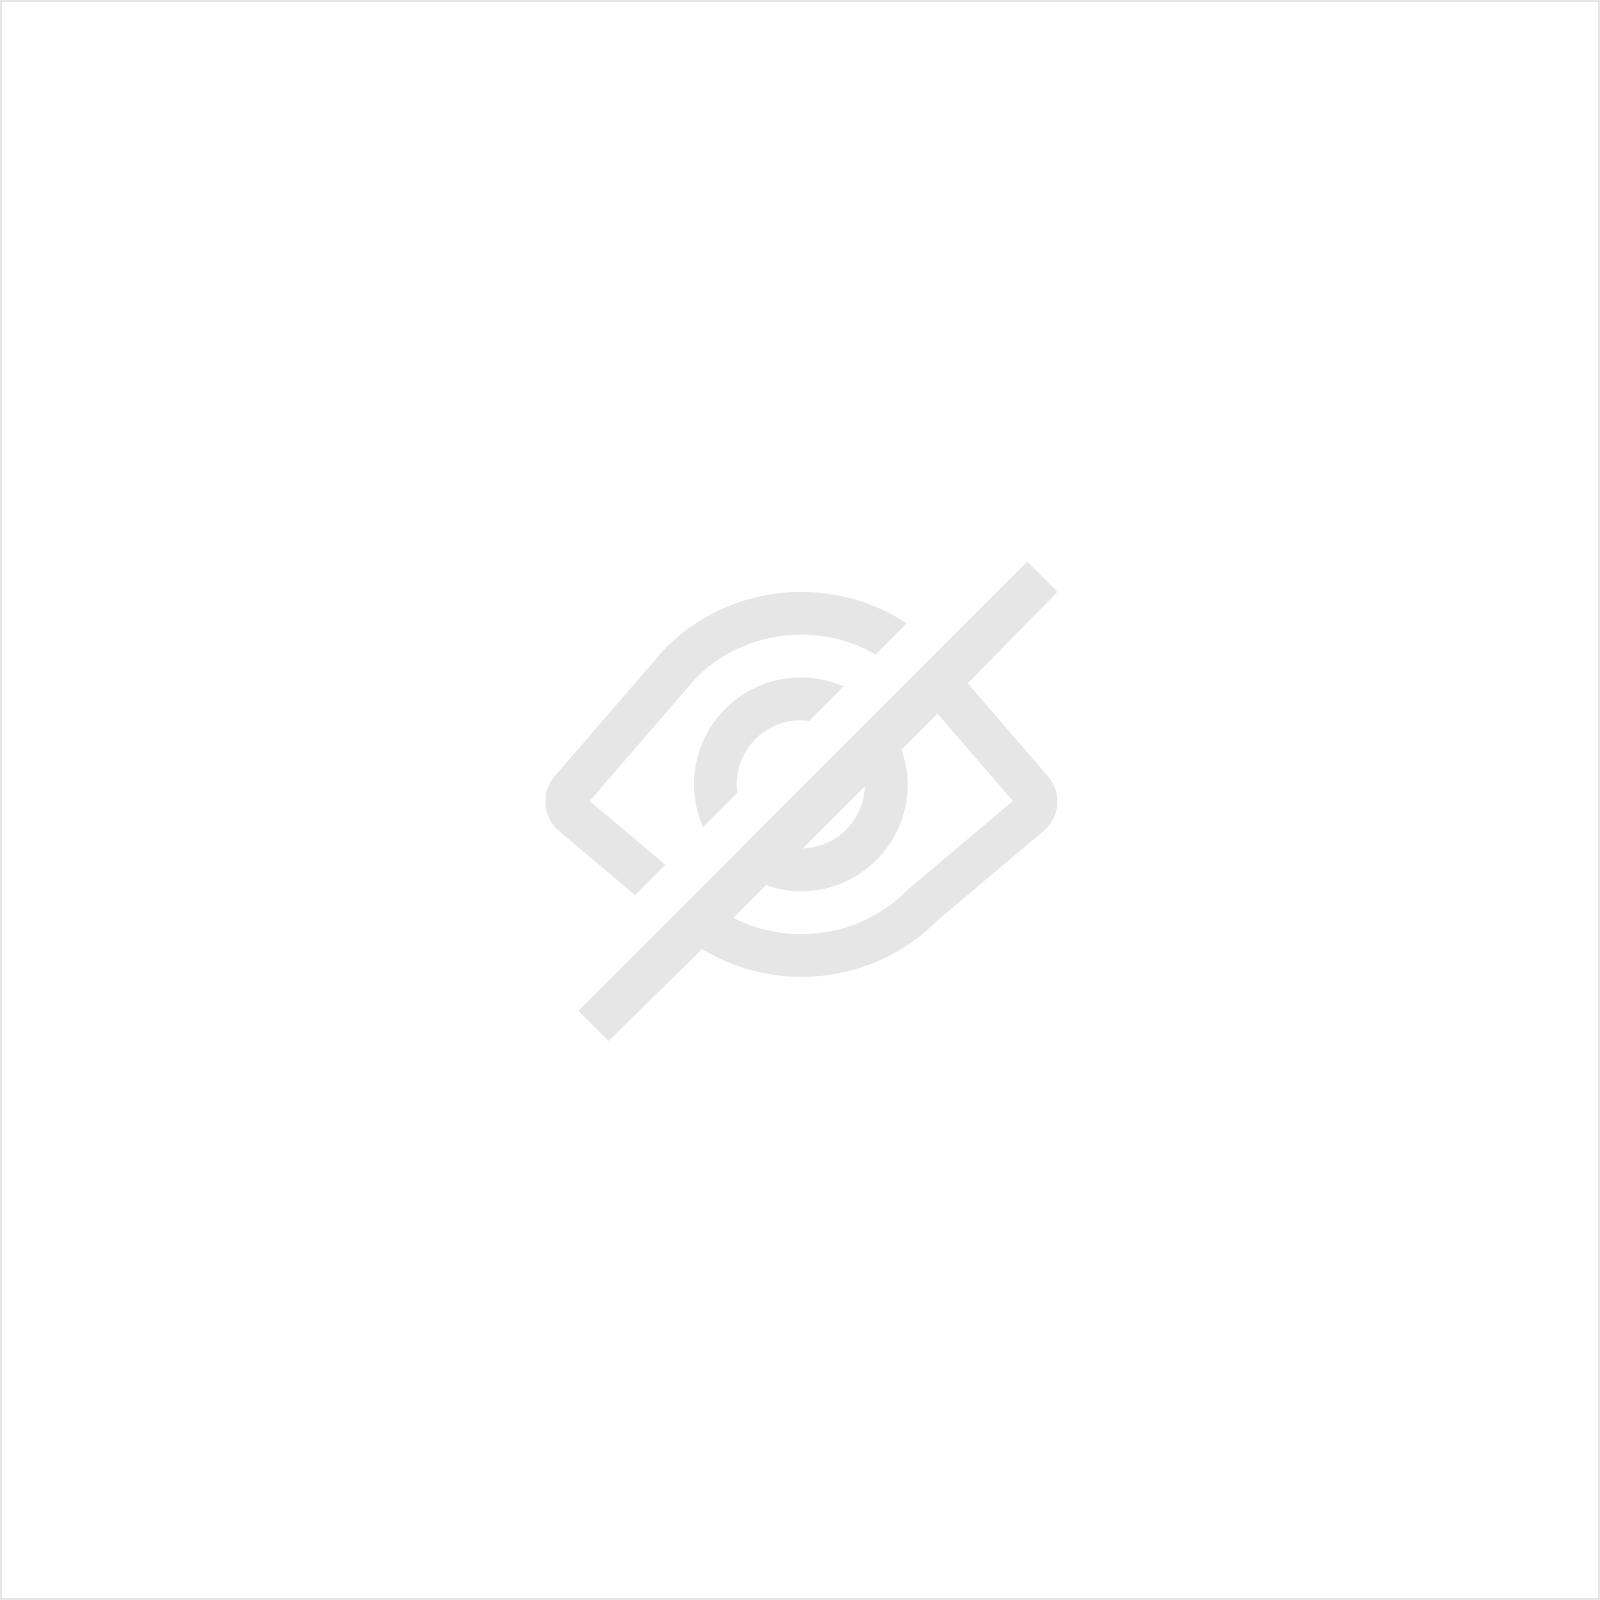 ARMOIRE D'ATELIER AVEC DOUBLE PORTE ET 4 TABLETTES - CONSTRUCTION HD